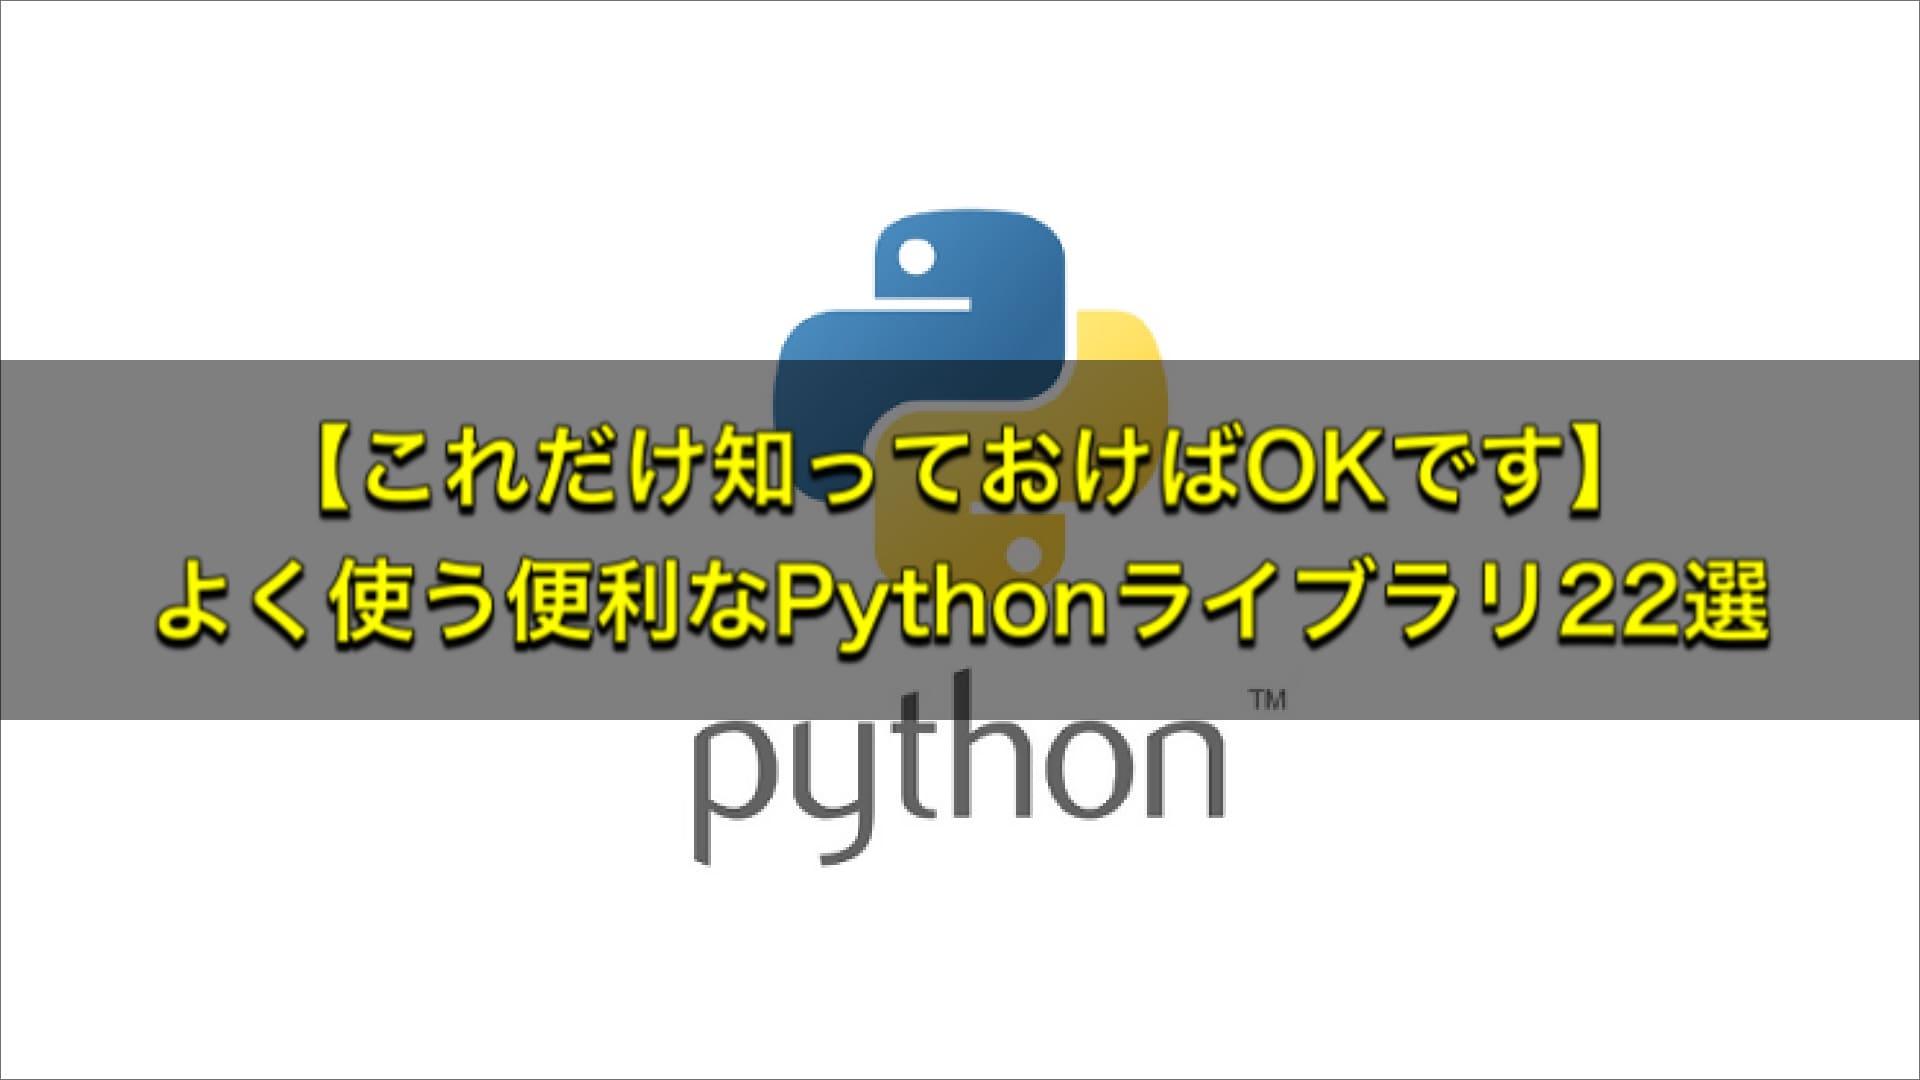 【これだけ知っておけばOKです】 よく使う便利なPythonライブラリ22選